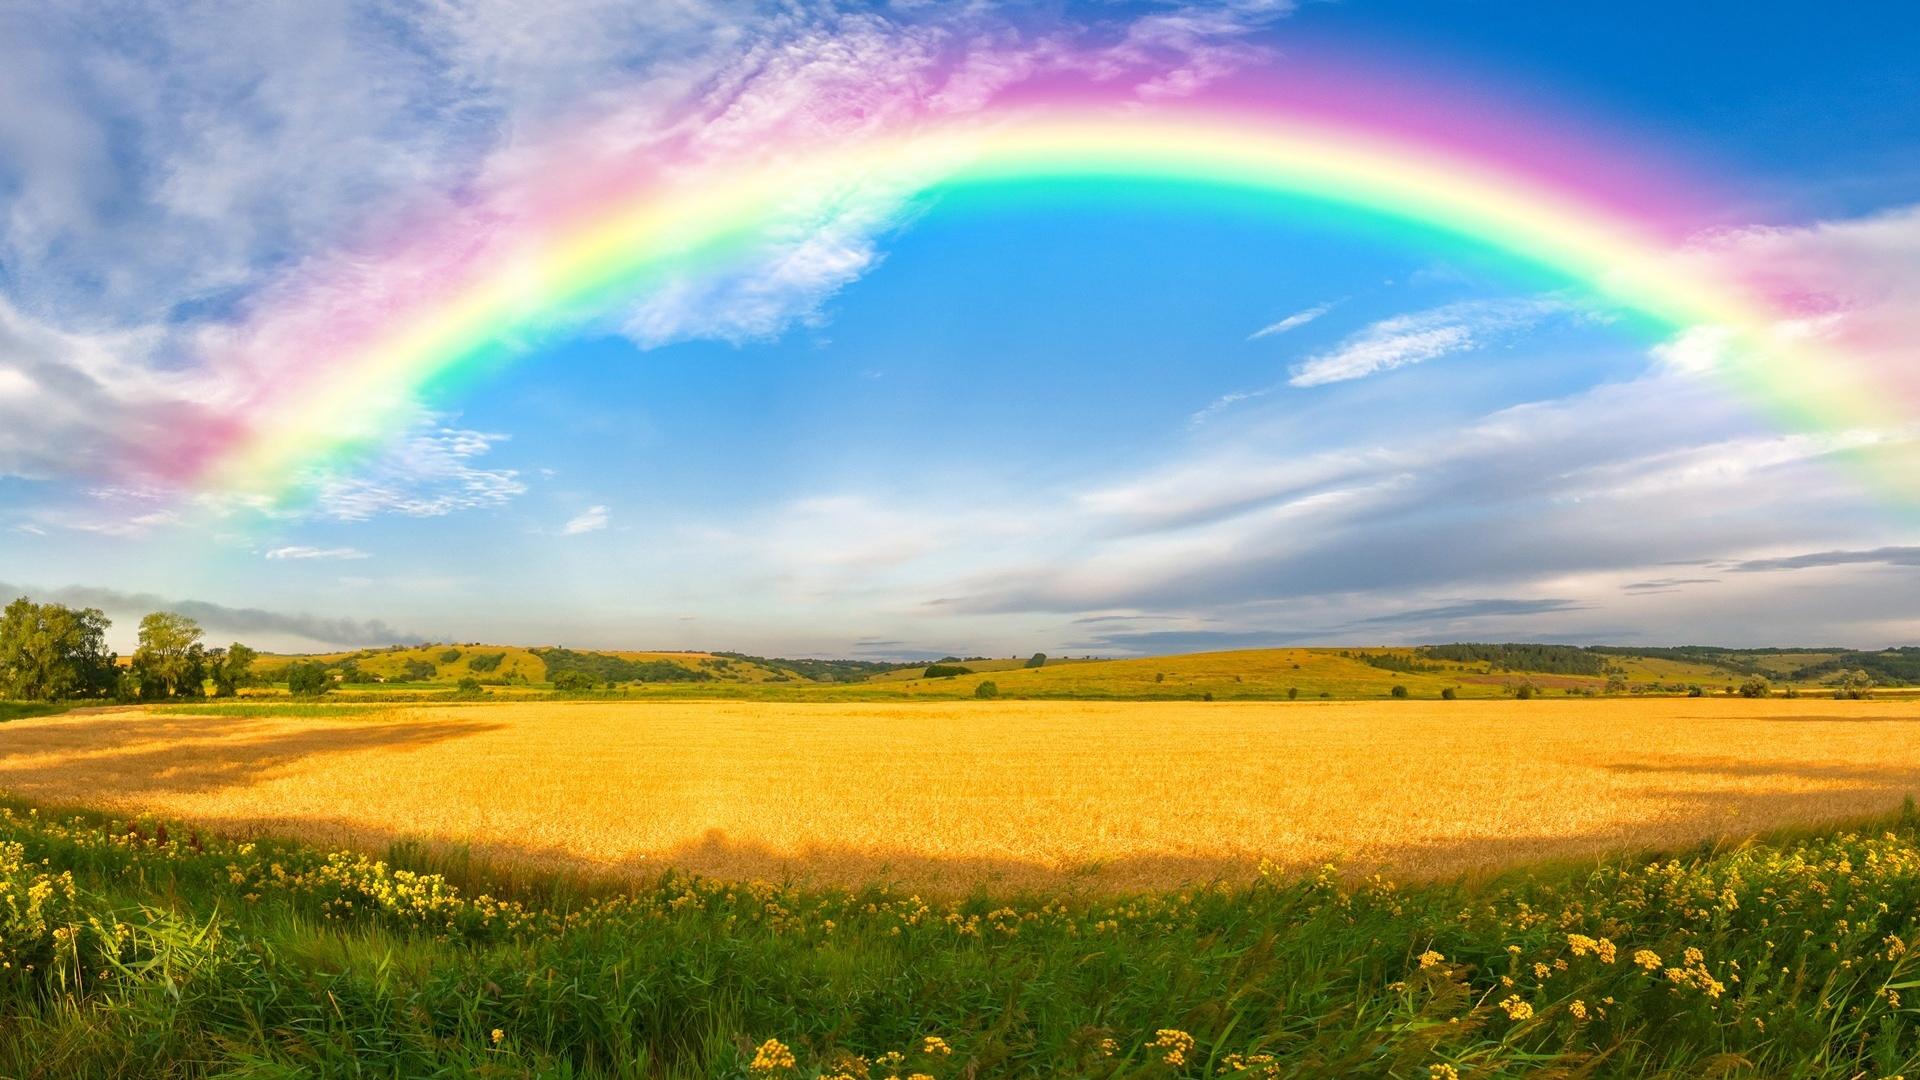 Днем, картинки с радугой и солнцем